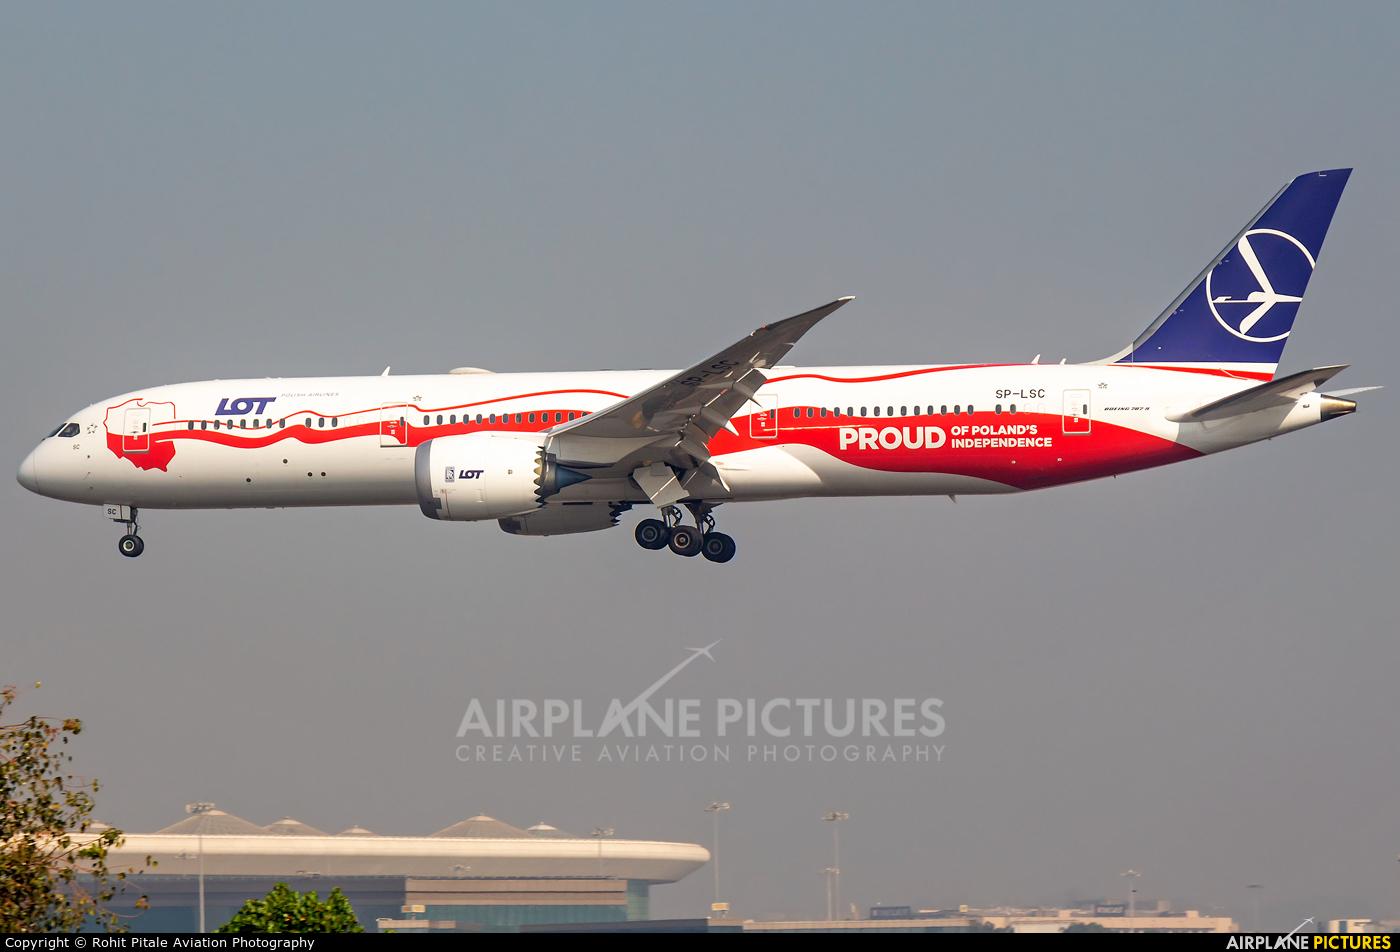 LOT - Polish Airlines SP-LSC aircraft at Mumbai - Chhatrapati Shivaji Intl